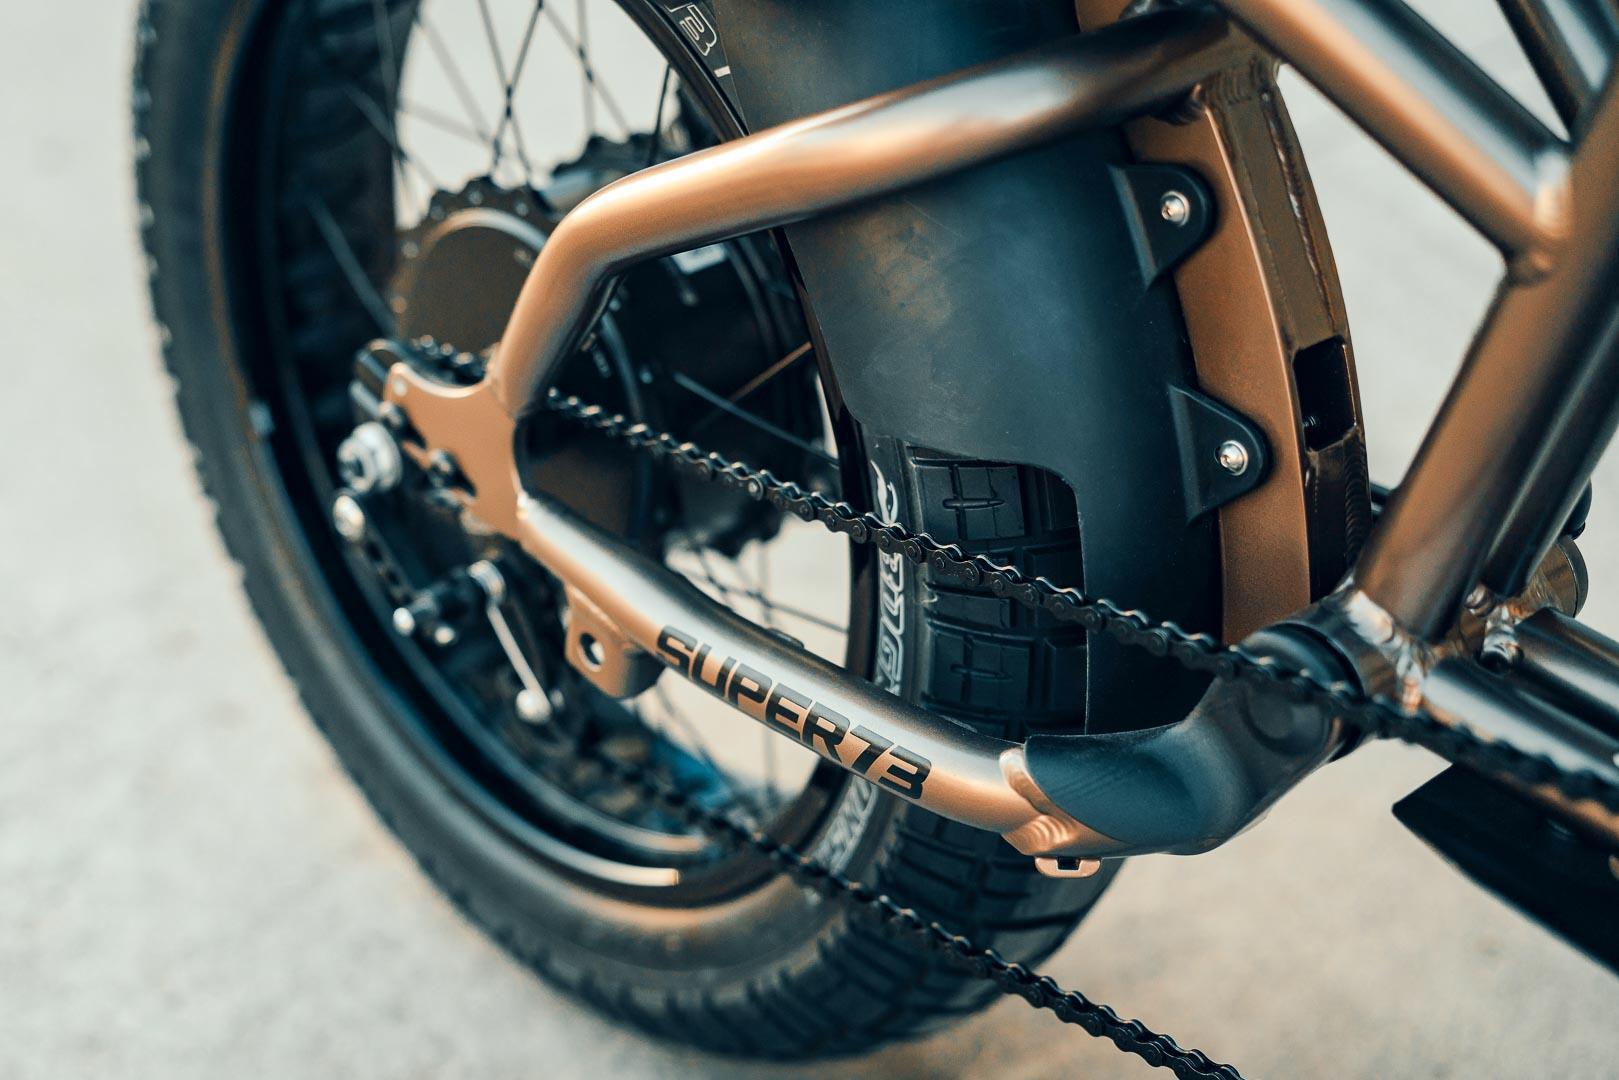 Super73 Flat Track RX: Chiếc xe đạp lai đầy táo bạo Ảnh 8